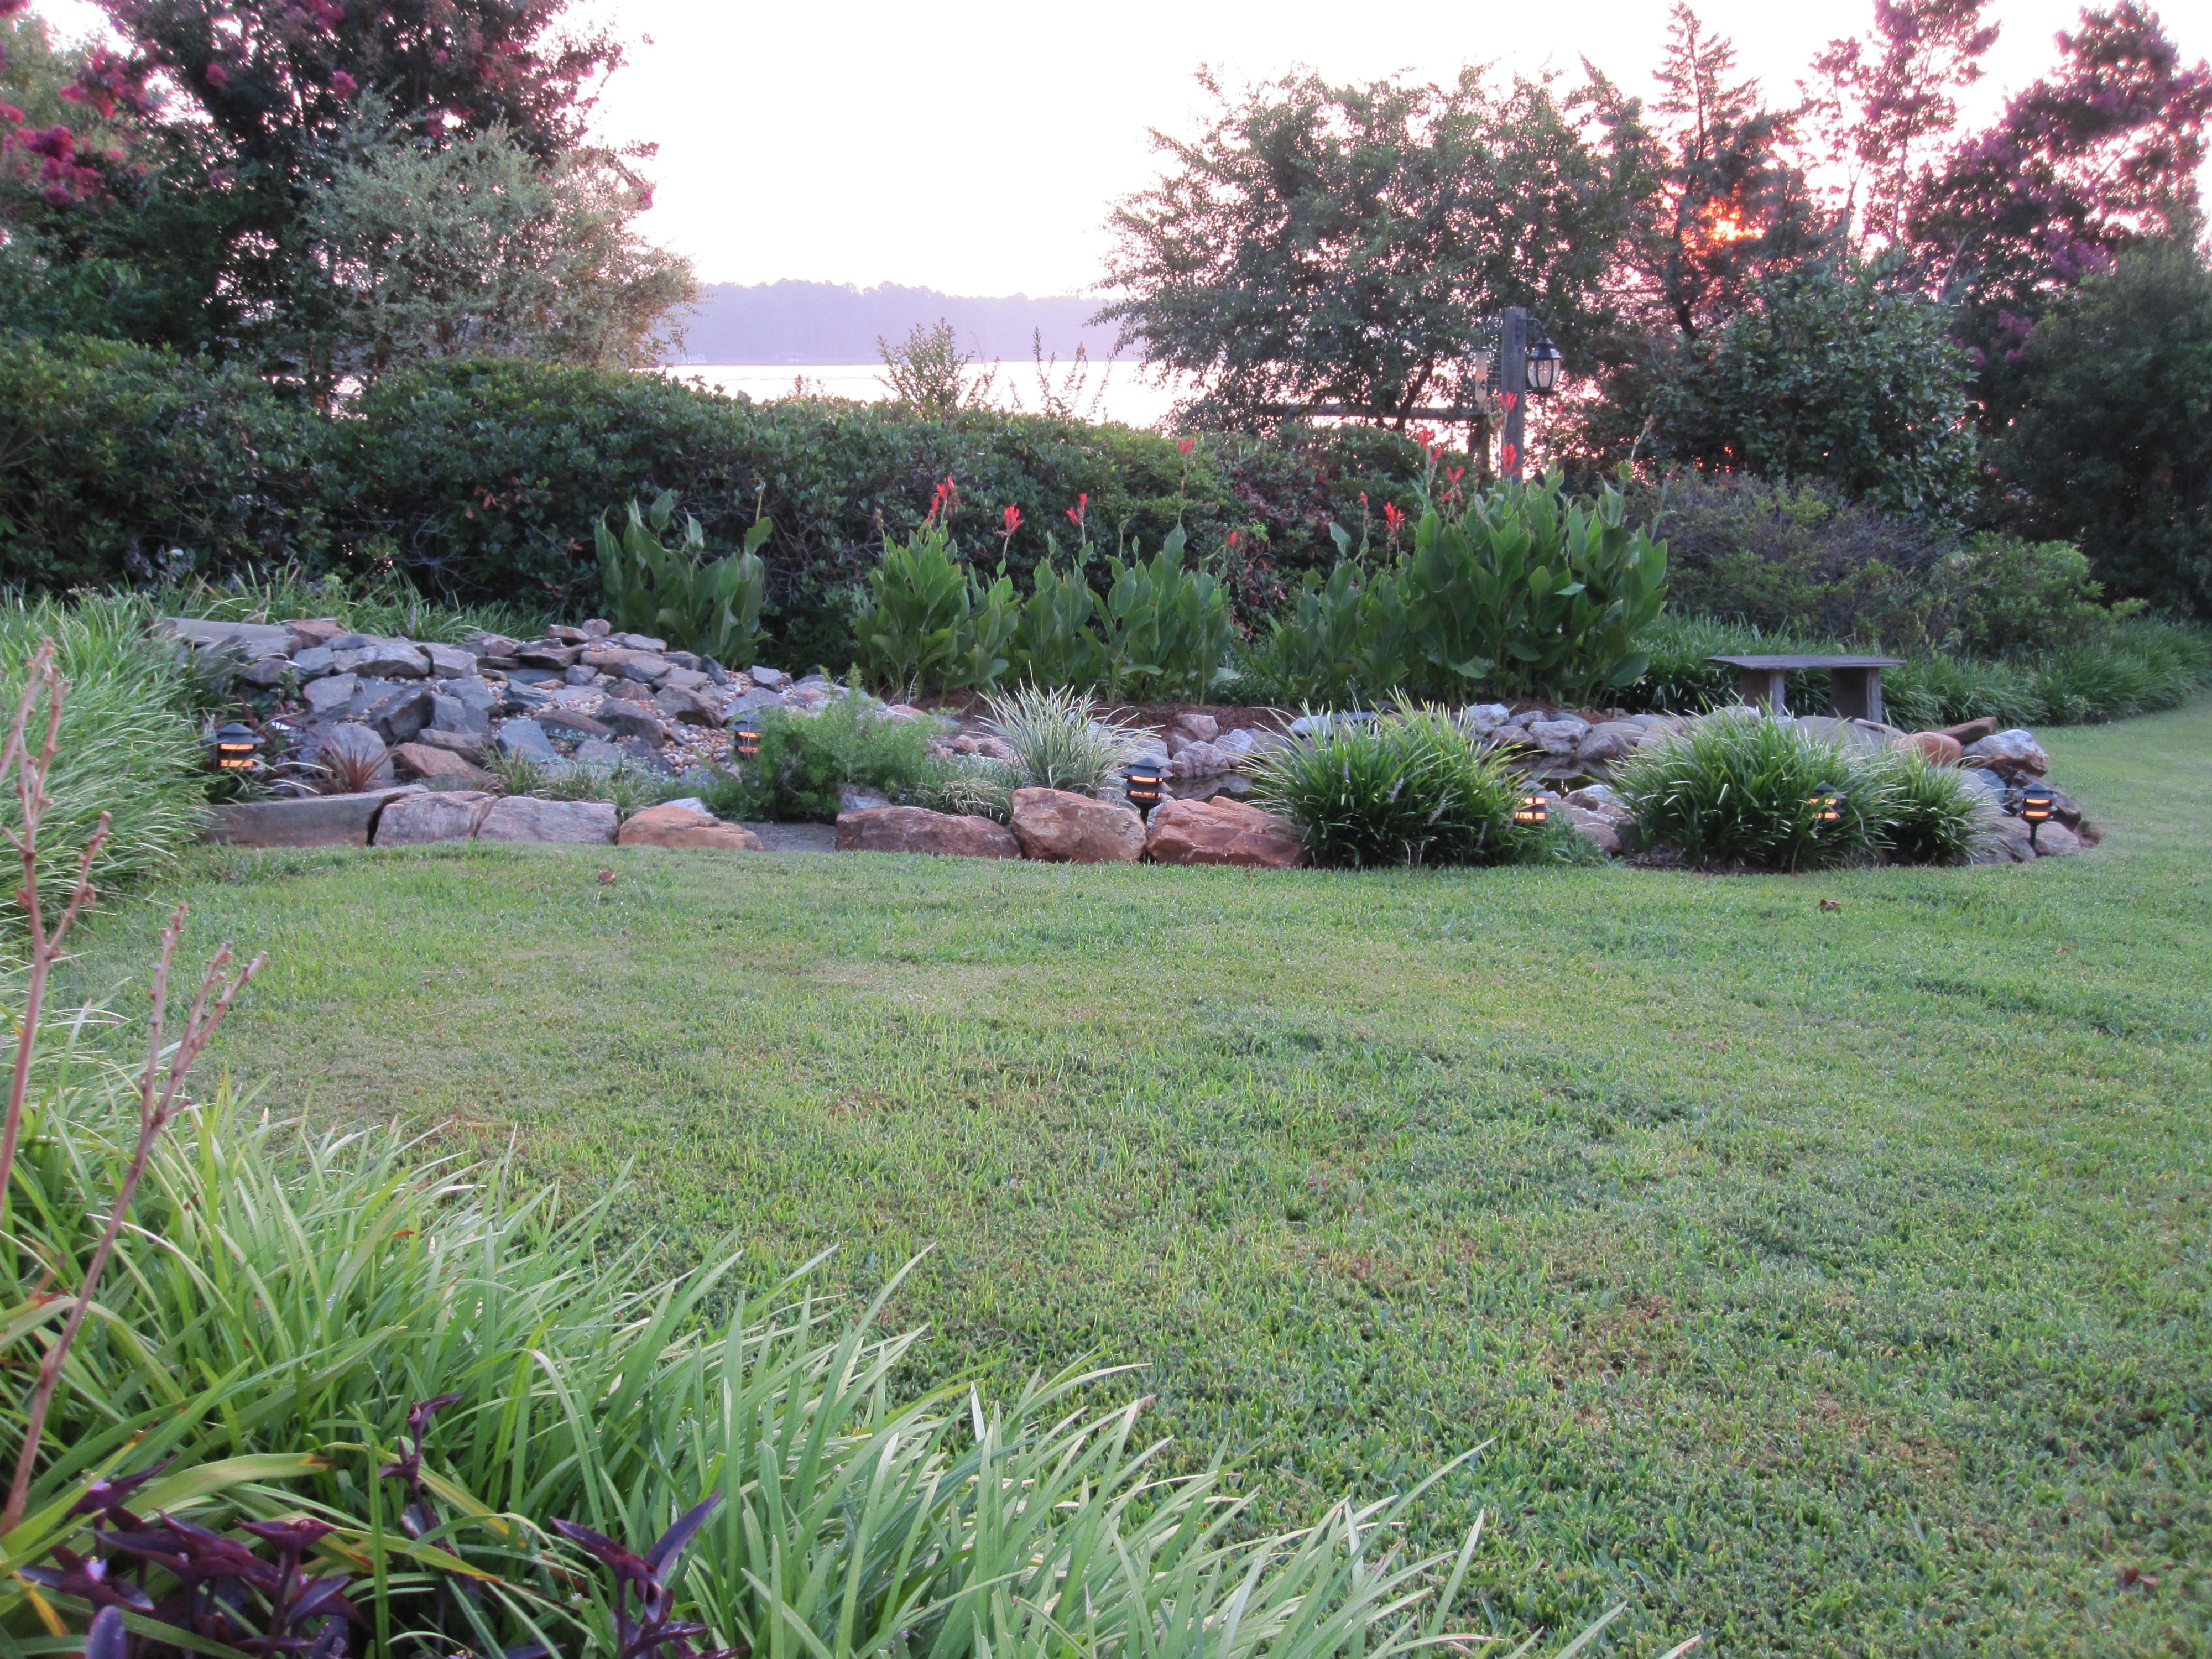 Pond garden at sunrise